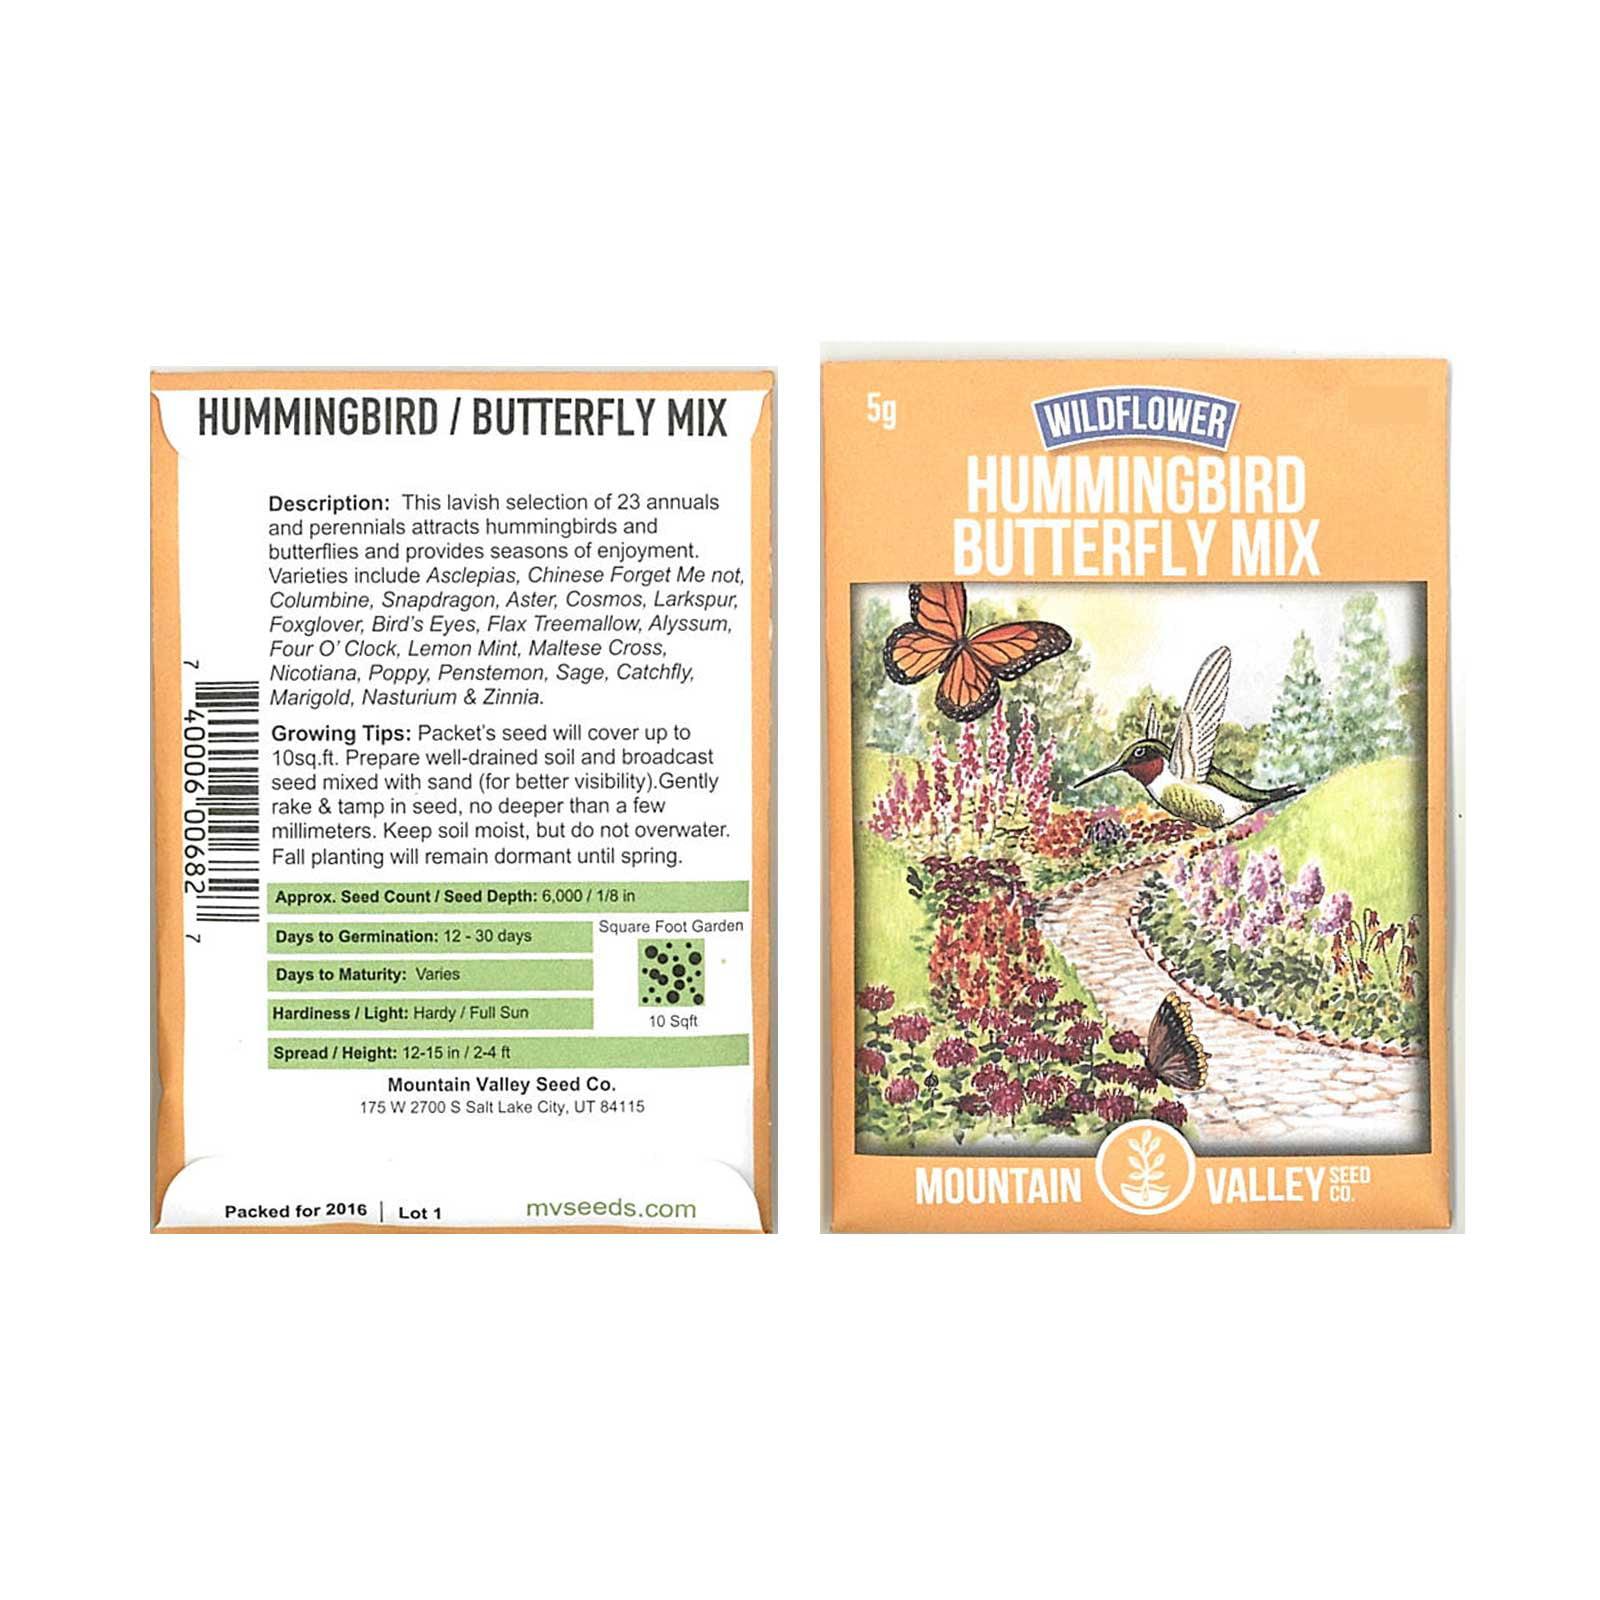 Hummingbird & Butterfly Wildflower Seed Mix - 5 g Packet - Wild Flower Seed Mixture: Alyssum, Lemon Mint, Foxglove, More